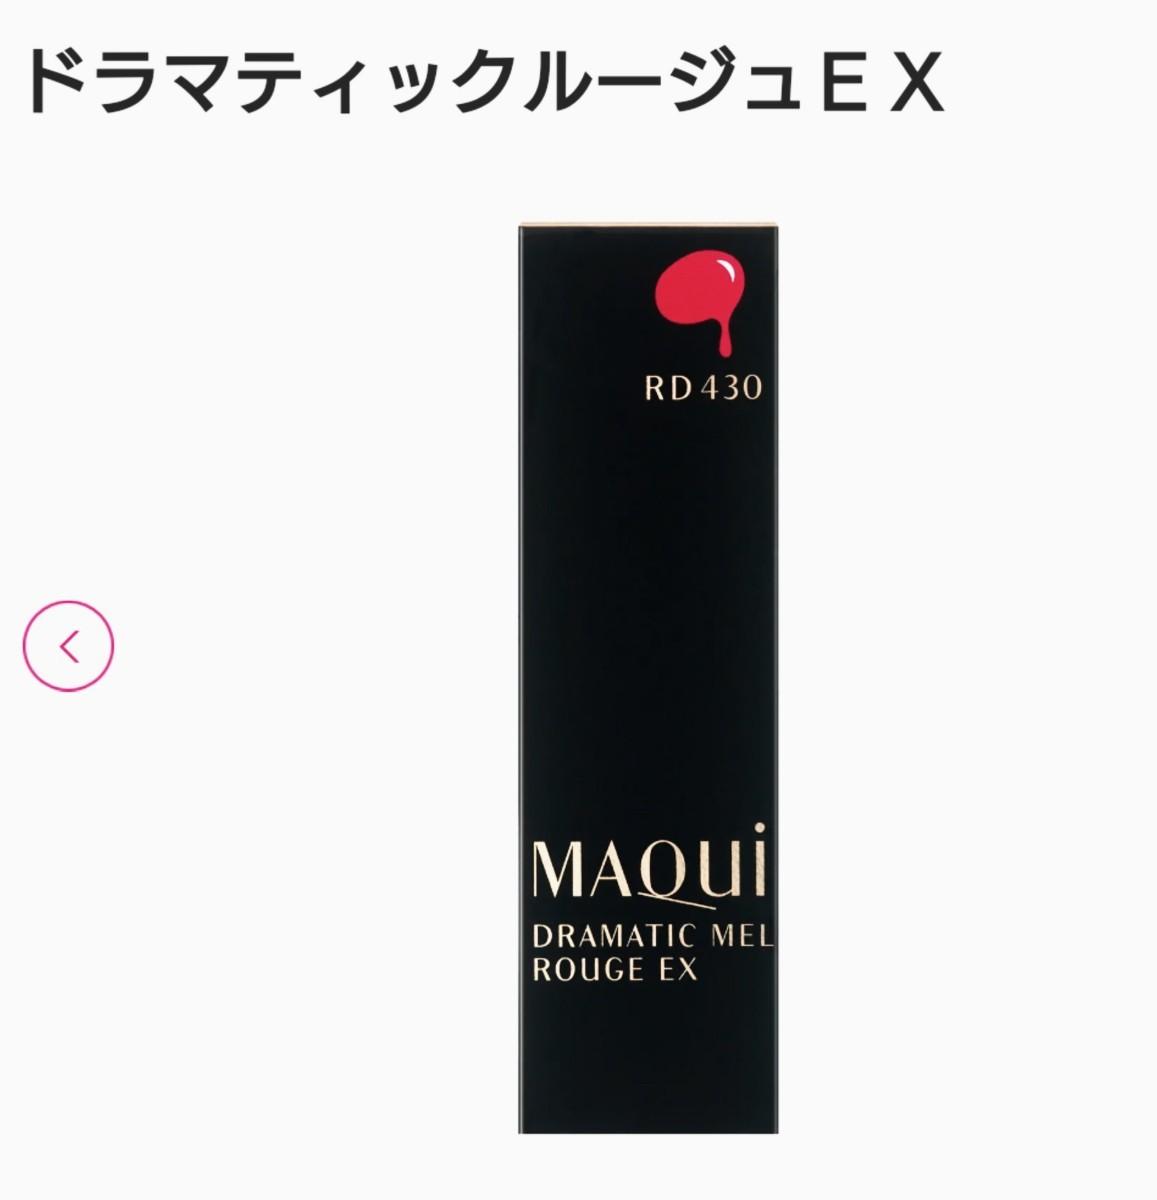 マキアージュ ドラマティックルージュEX PK440 4g